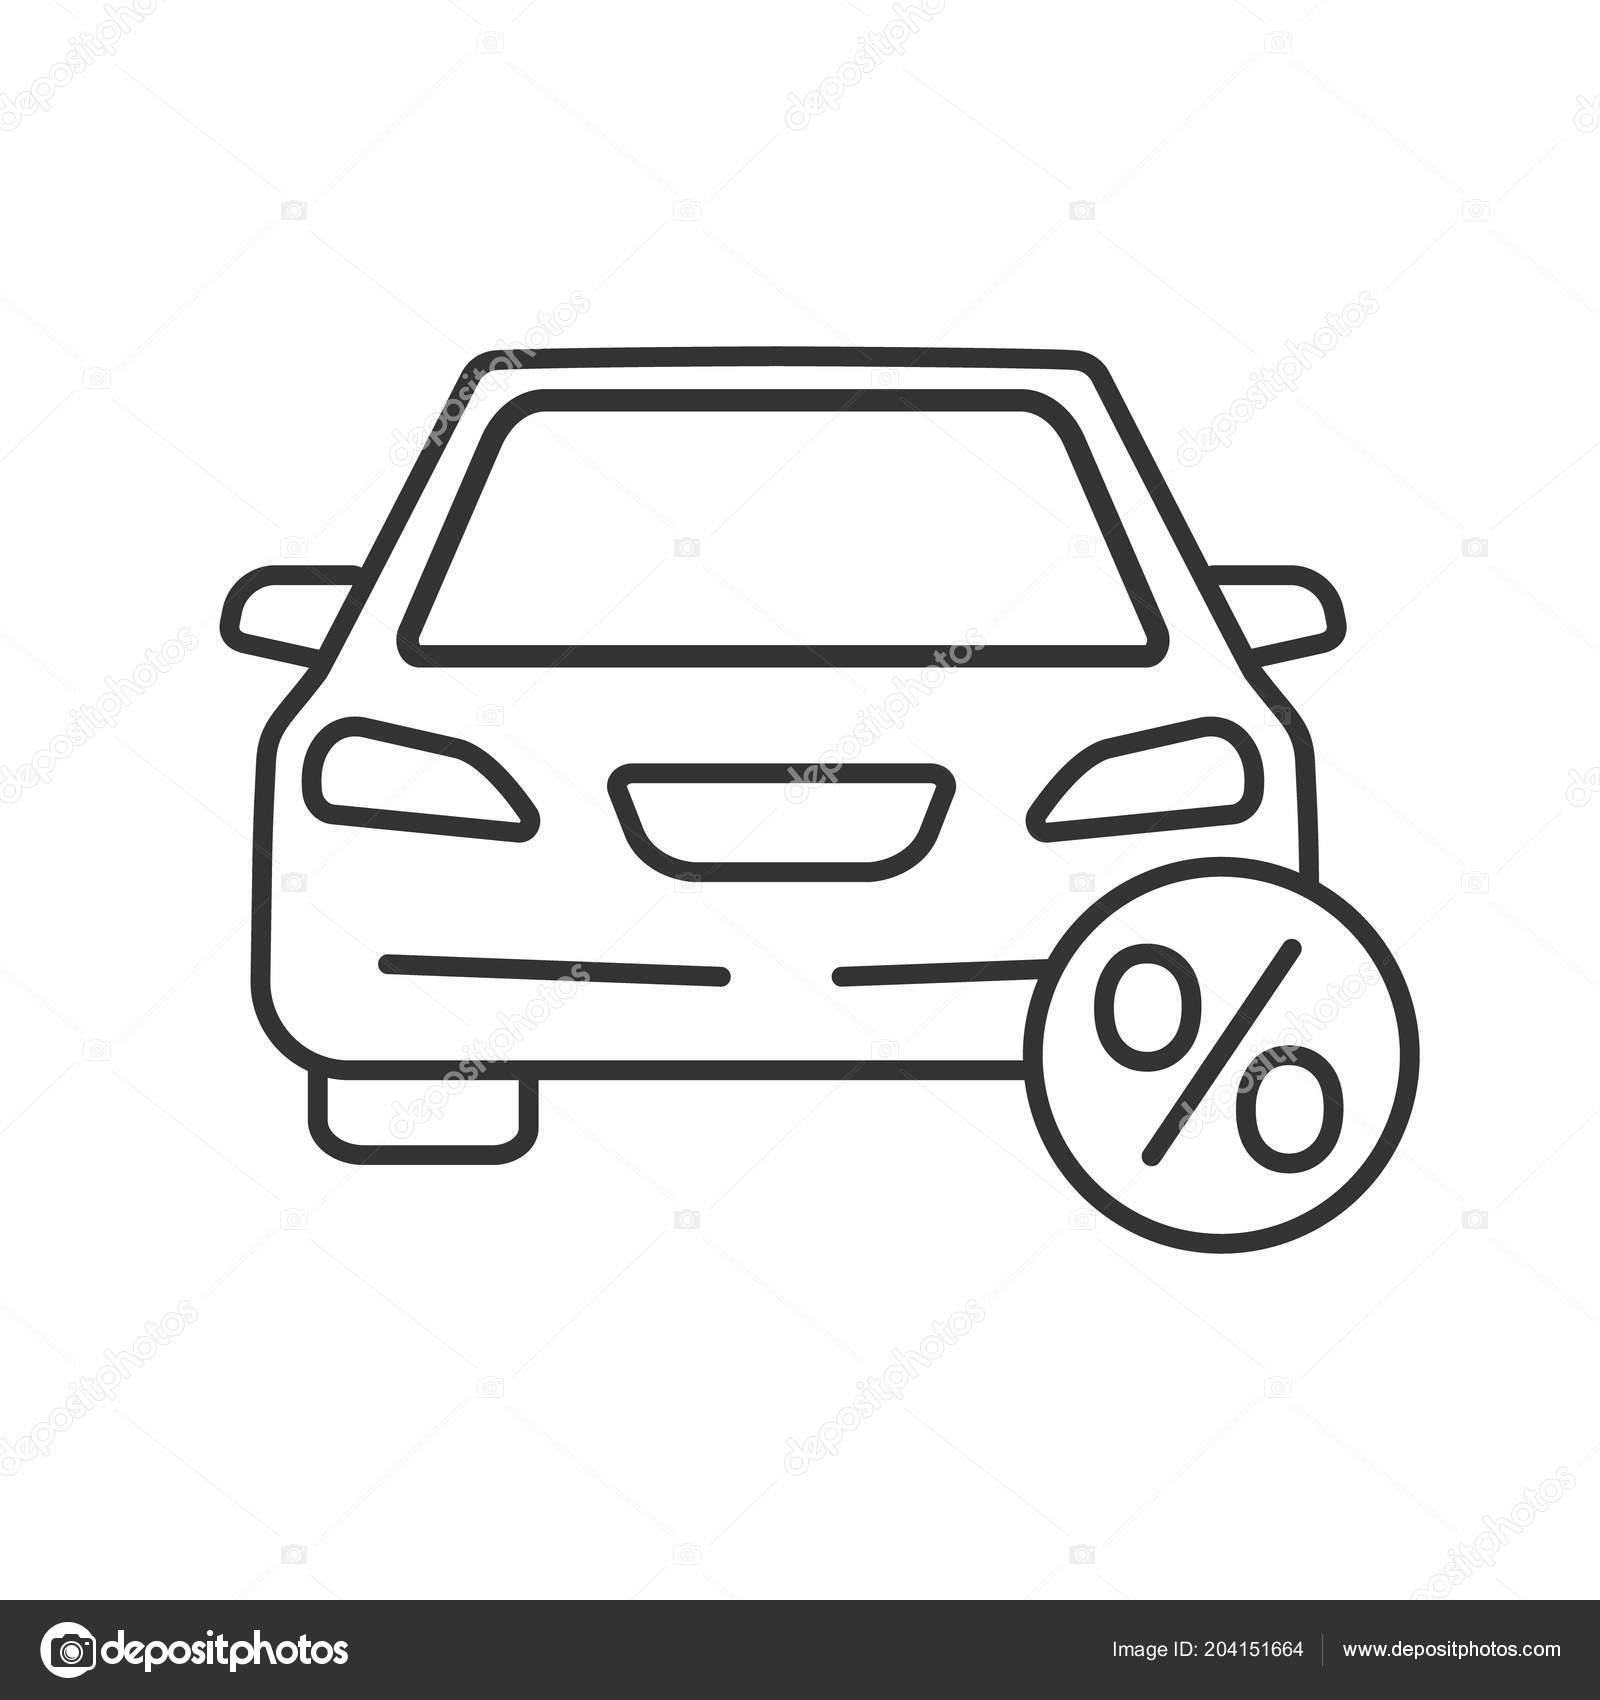 скидка при покупке машины в кредит ренессанс кредит внесение екб карта